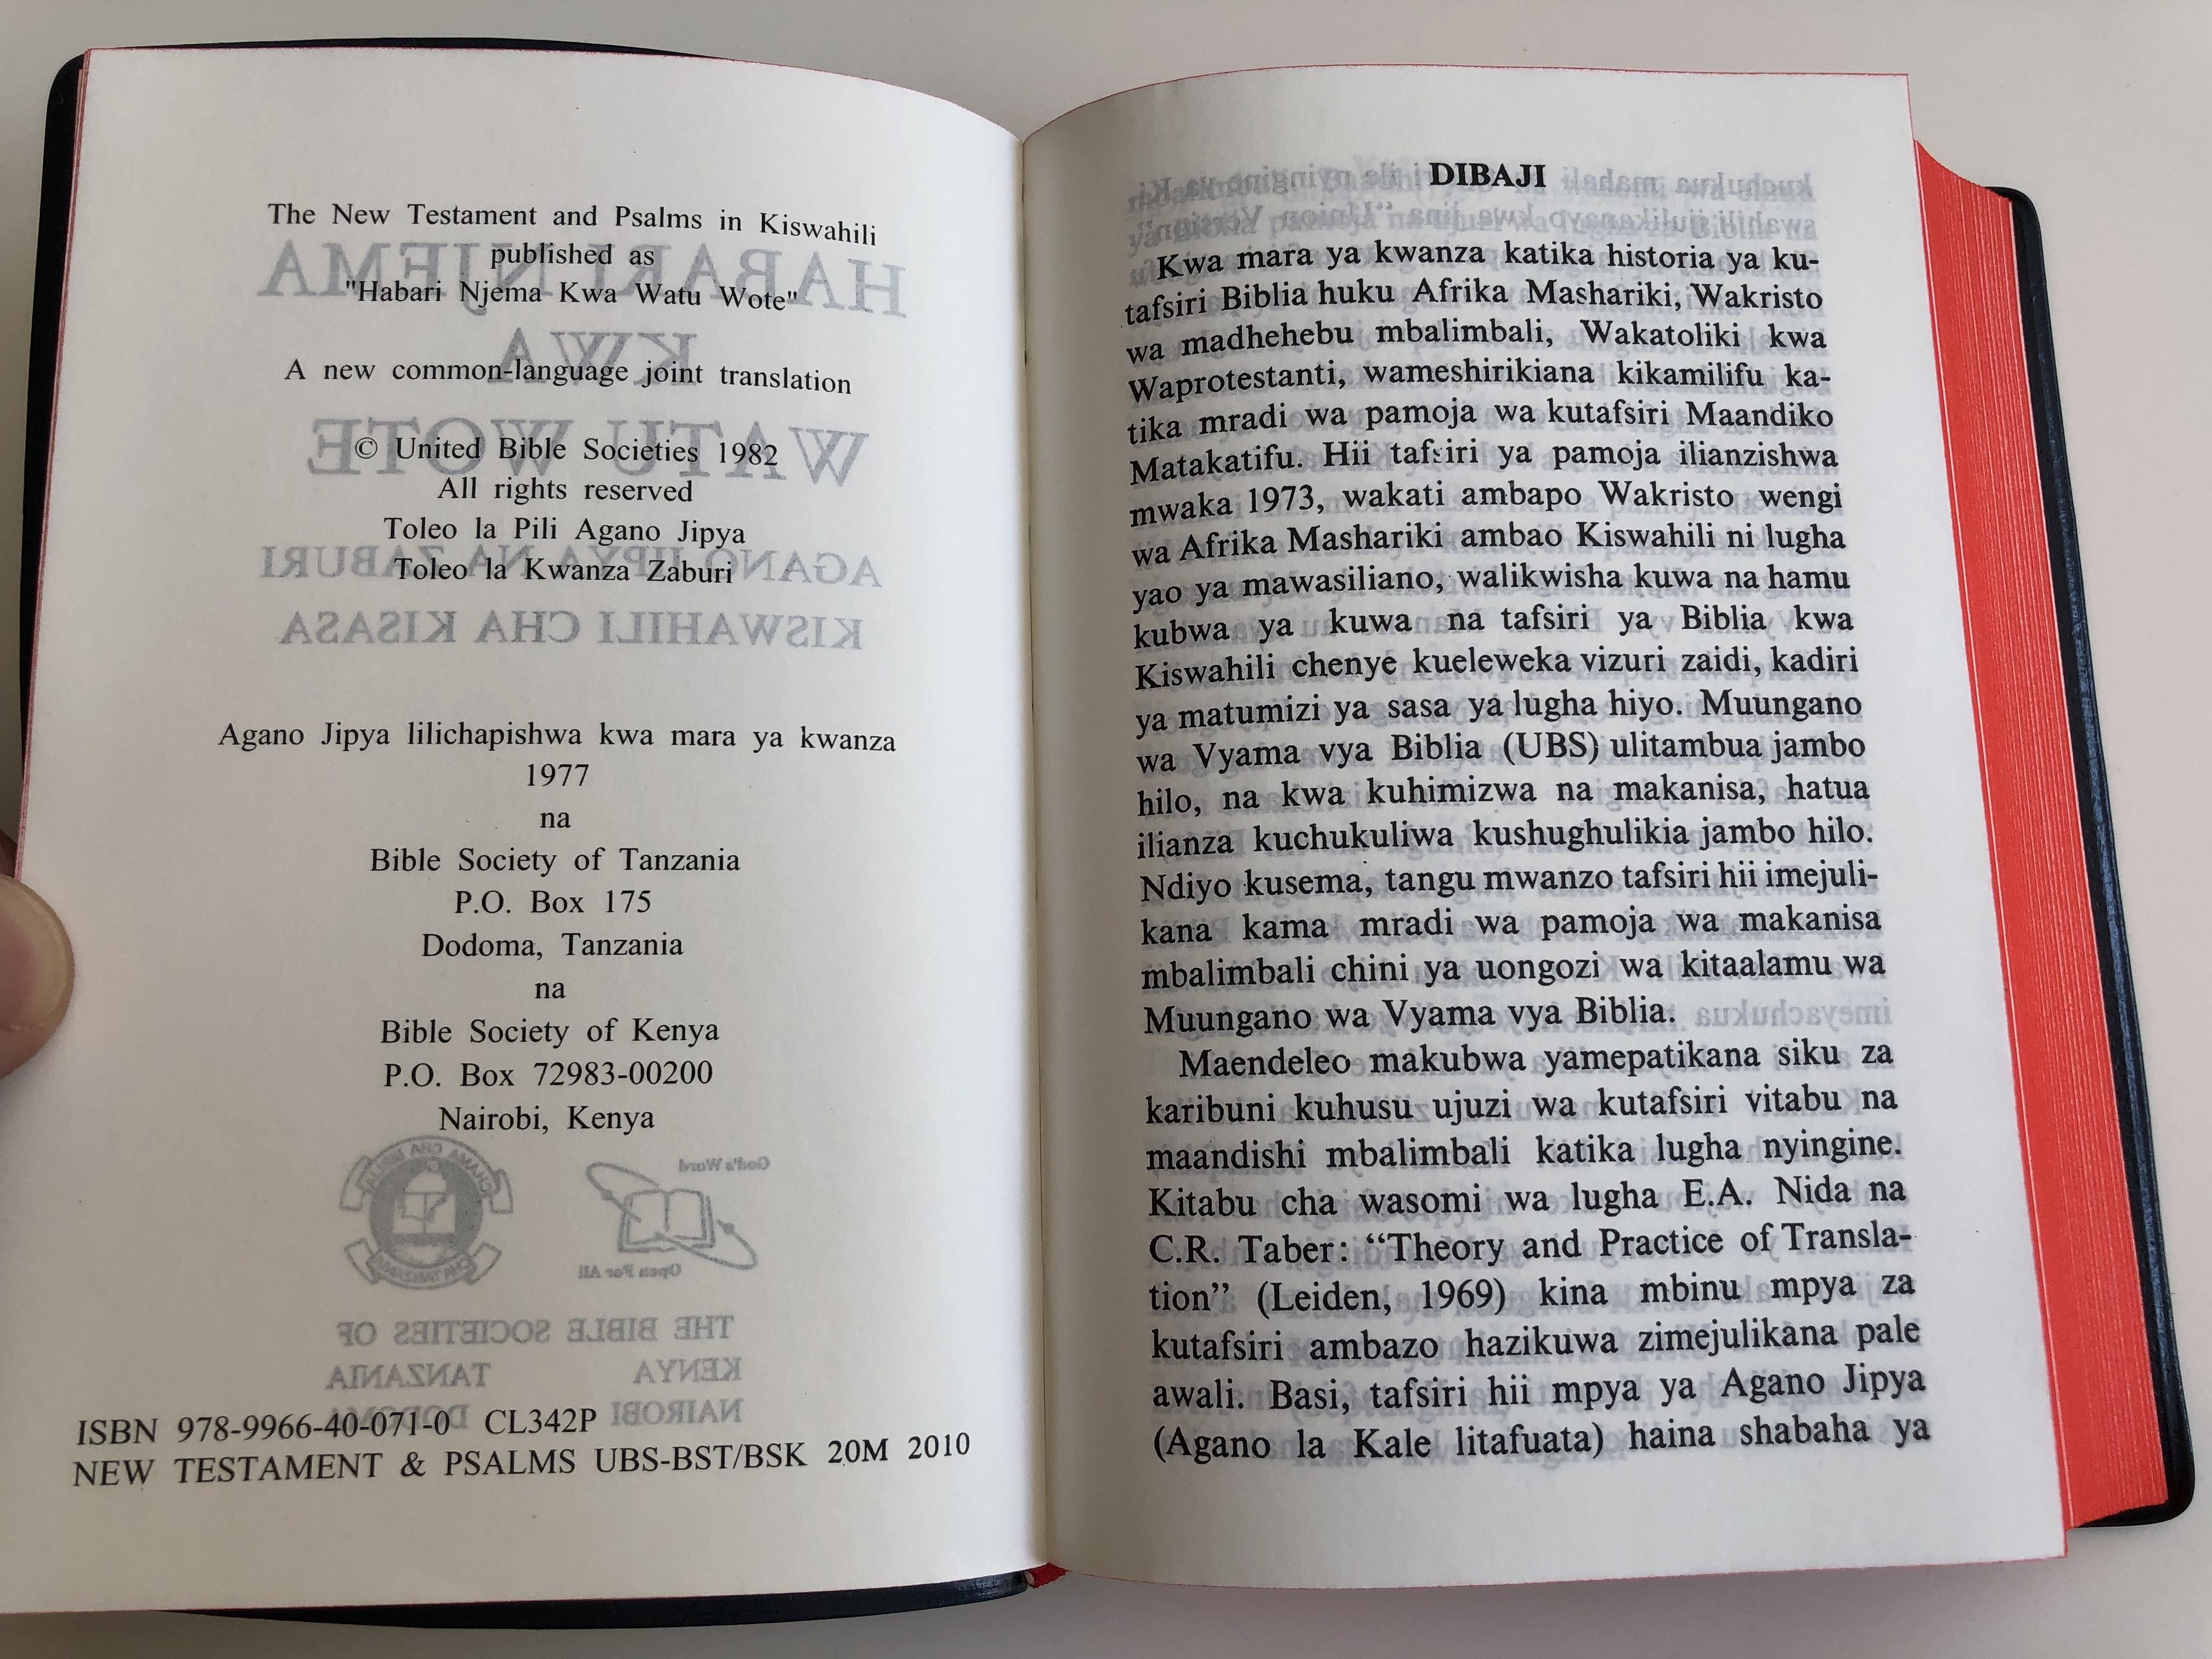 habari-njema-kwa-watu-wote-the-new-testament-and-psalms-in-kiswahili-agano-jipya-na-zaburi-kiswahili-cha-kisasa-softcover-vynil-bound-bible-societies-of-kenya-tanzania-nairobi-dodoma-2010-4-.jpg